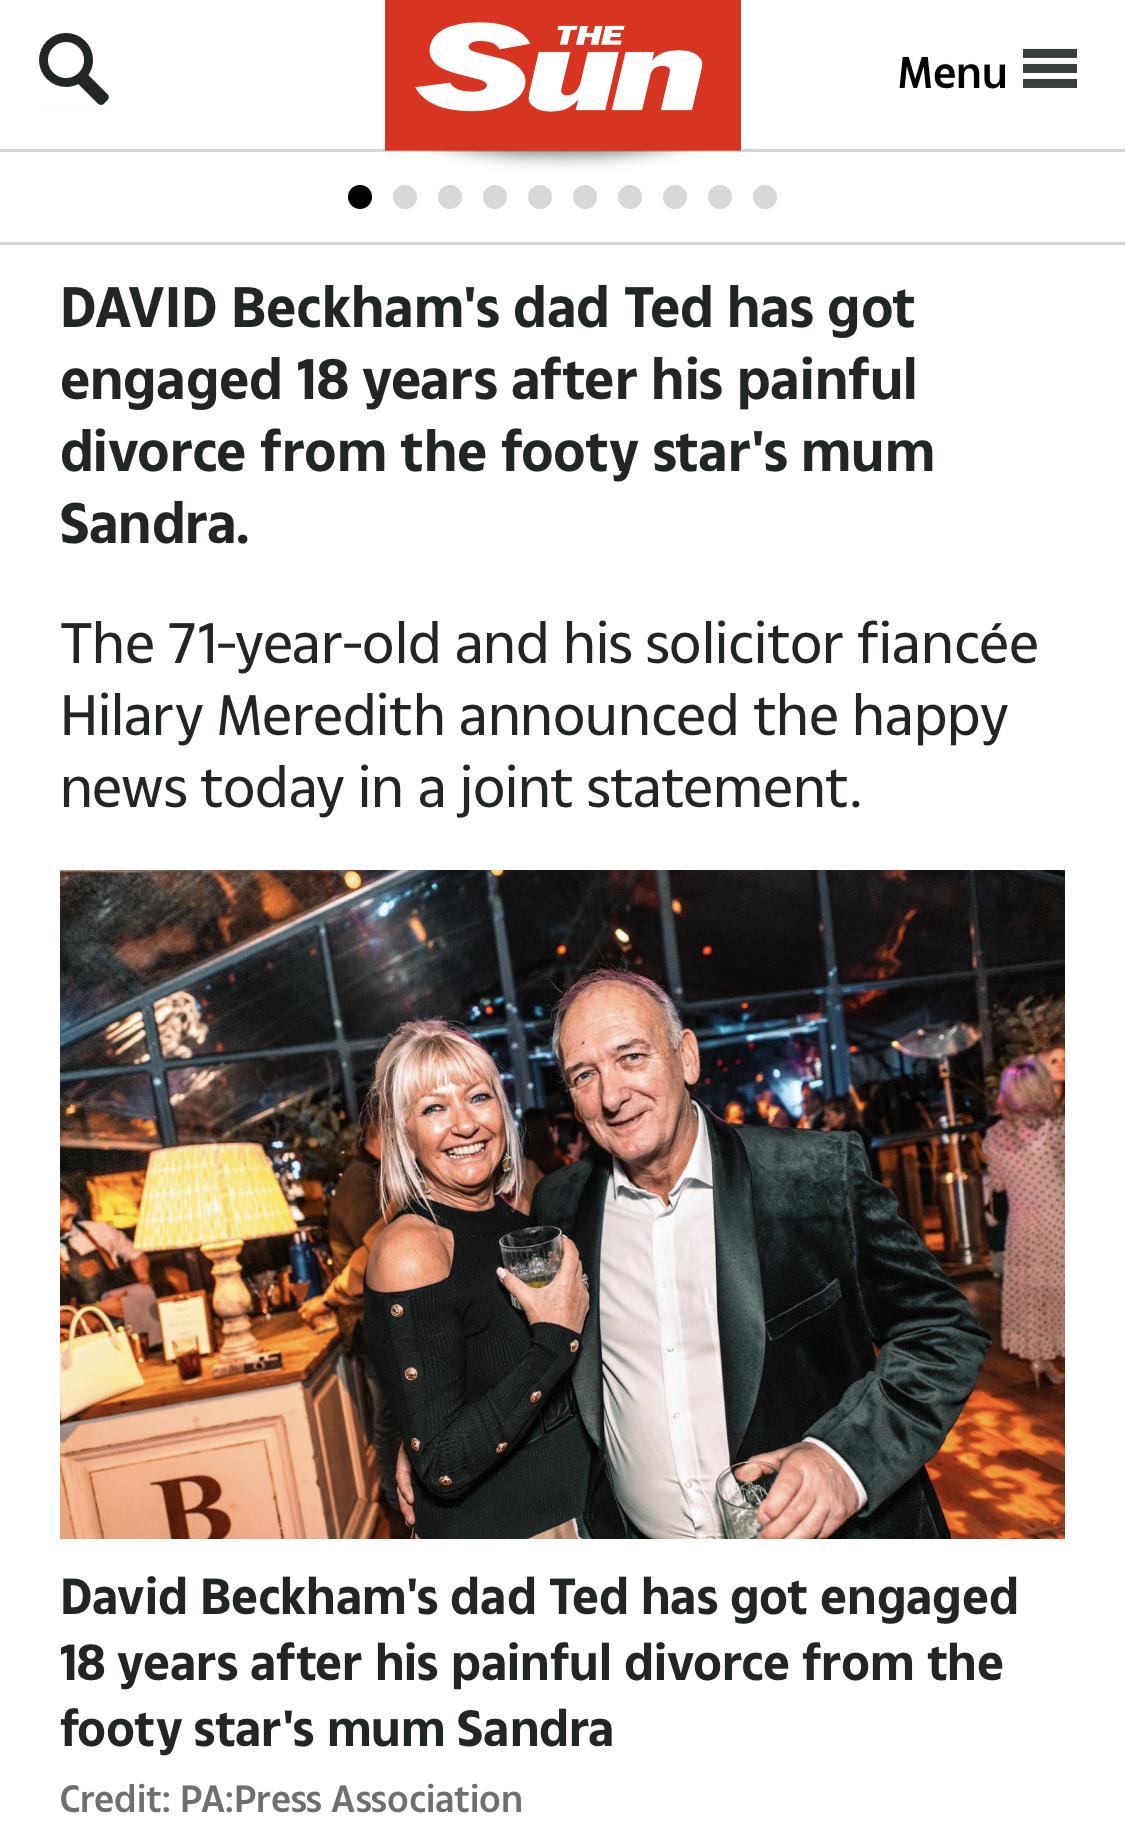 貝克漢姆71歲父親與女友訂婚 對方是知名律師